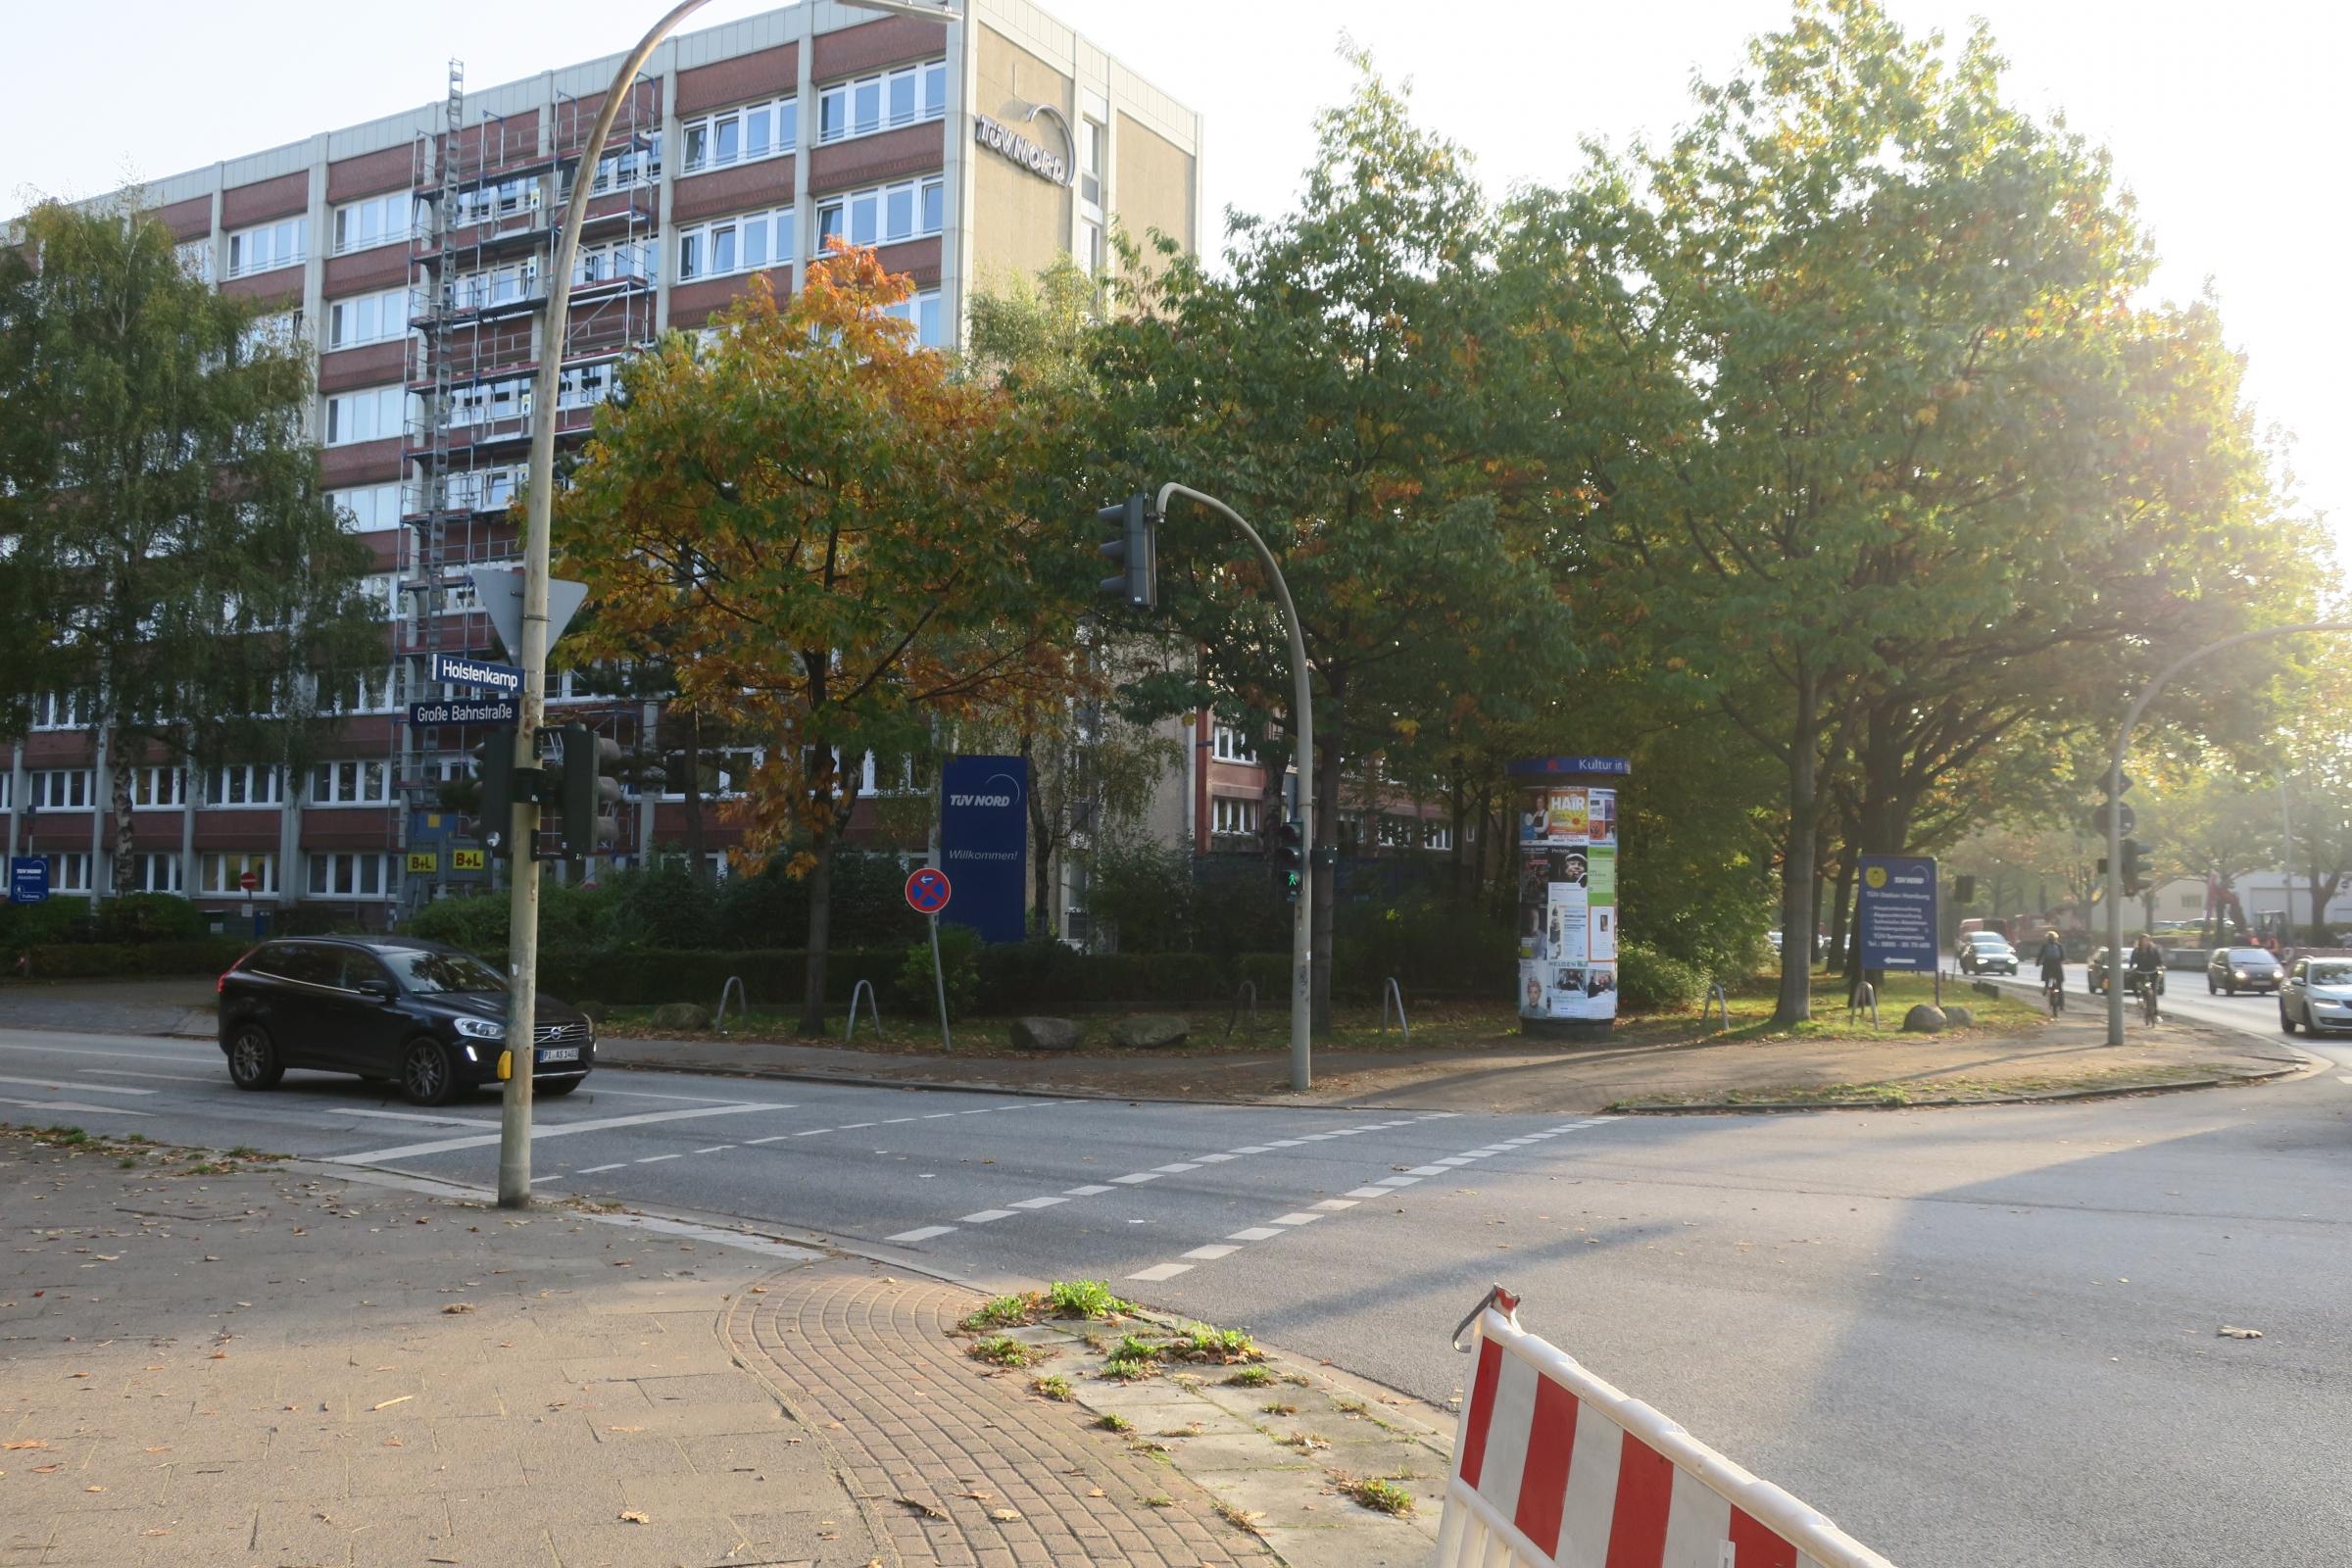 Holstenkamp Hamburg